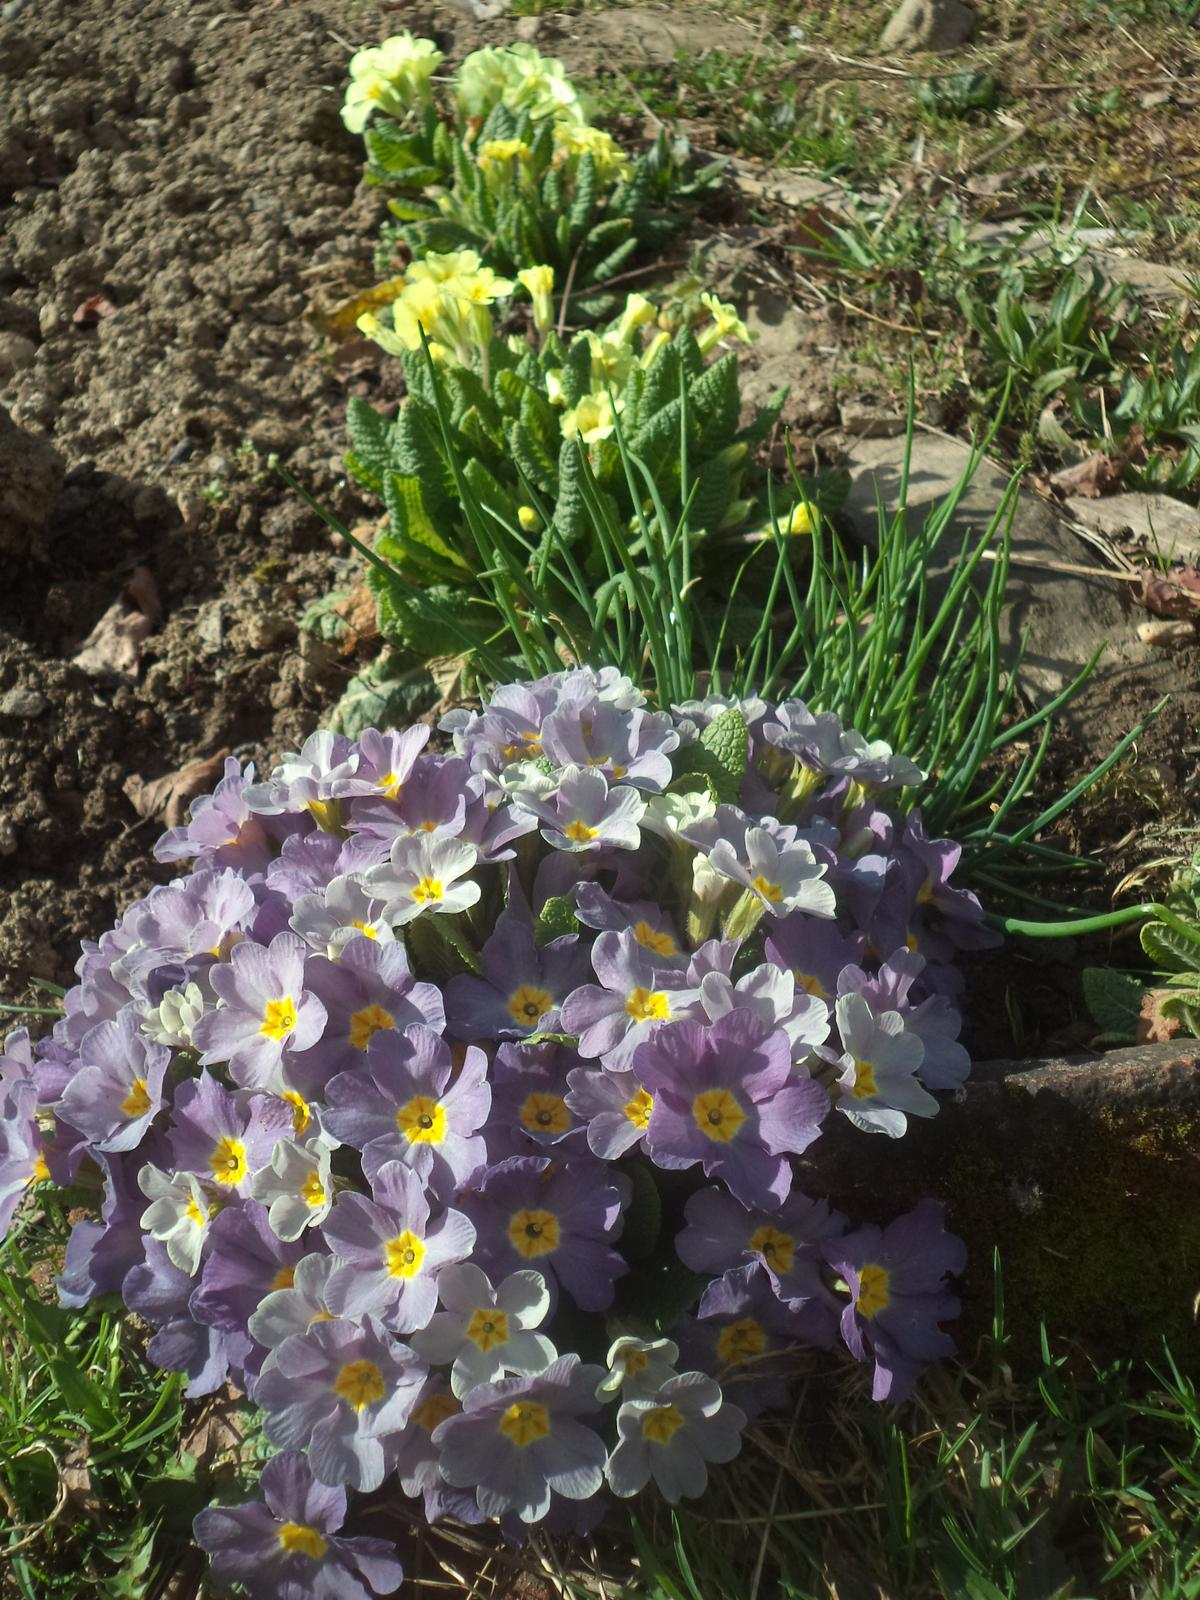 Zahrádkové - ..dnes mi v zahradnictví při koupi velkokvětých prodavačka řekla, ať je přihnojuji, aby květy zůstaly velké..no jestli mají bez přihnojení vypadat takto (záplava malých květů), pak budu moc ráda ;-)